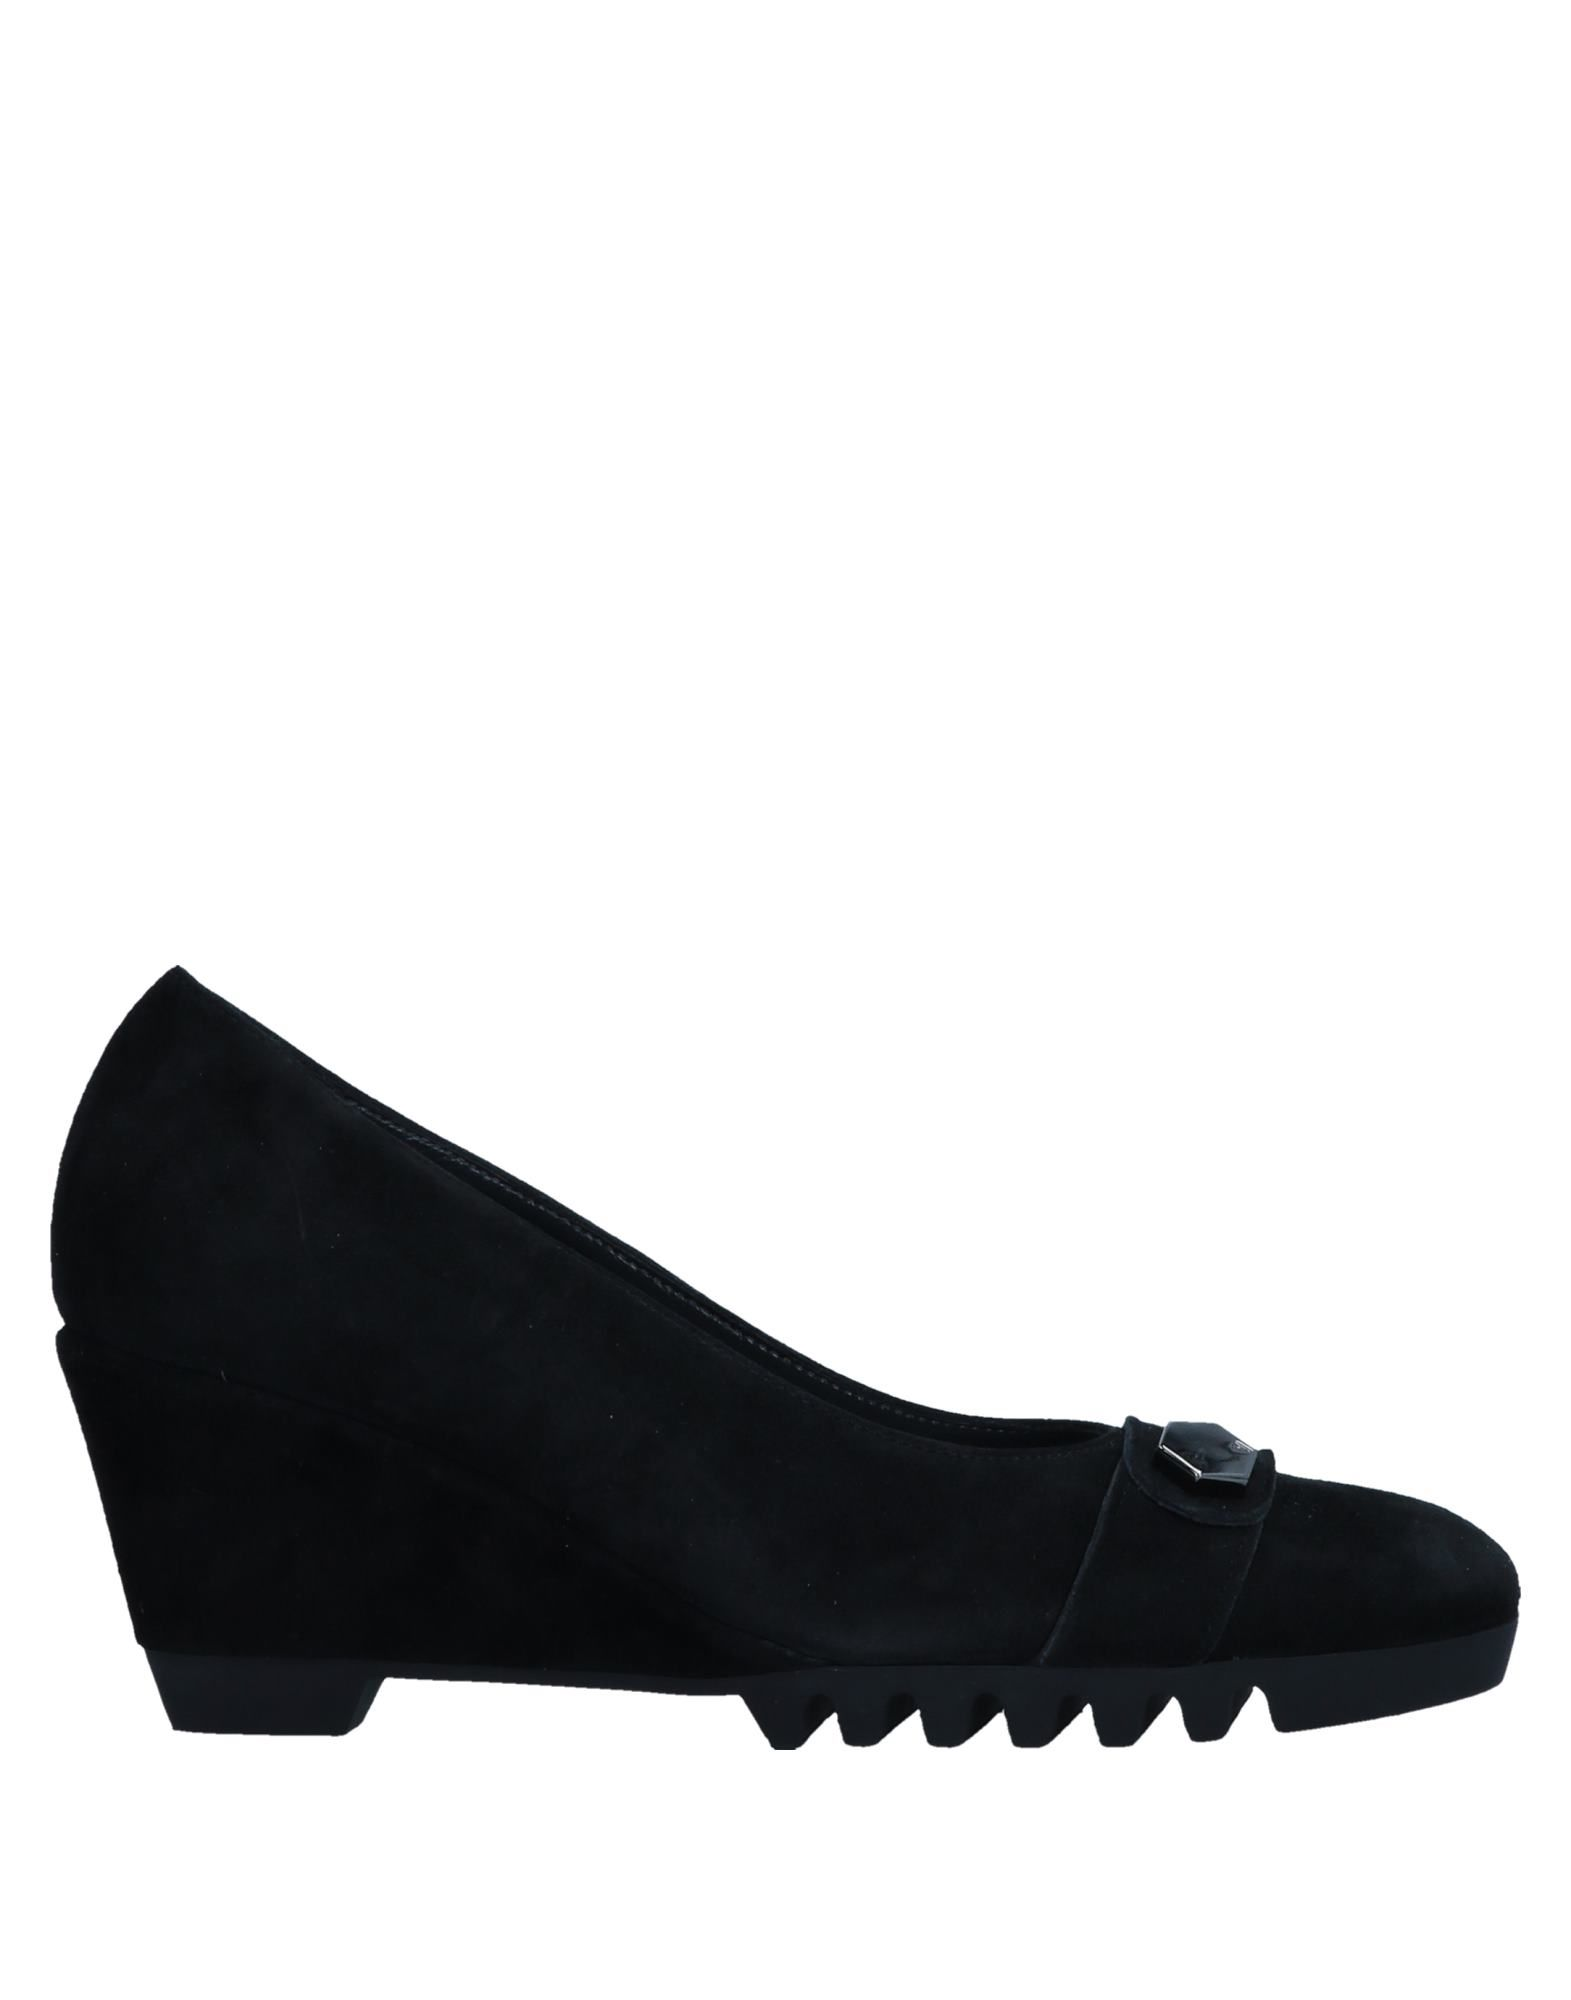 Valleverde 11547412XI Pumps Damen  11547412XI Valleverde Gute Qualität beliebte Schuhe d4be3b